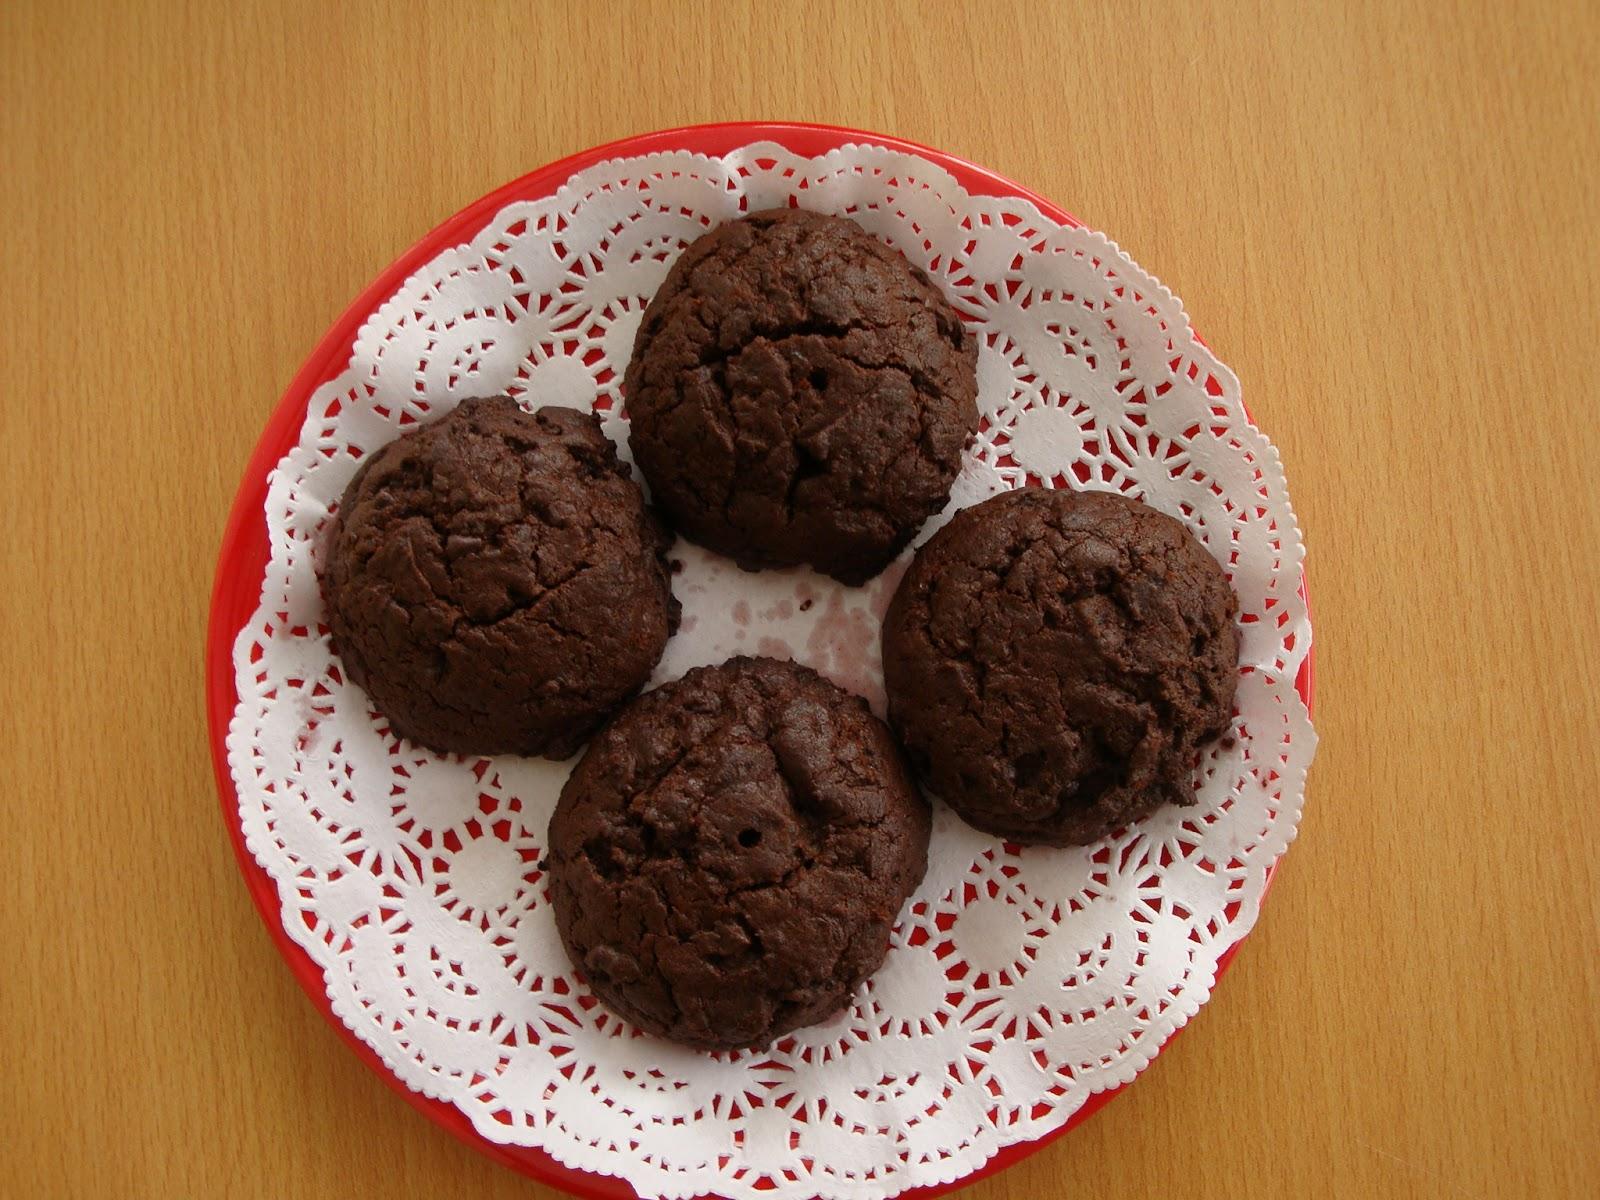 The Aspiring Home Cook Week 4 Of 12 Weeks Of Christmas Cookies